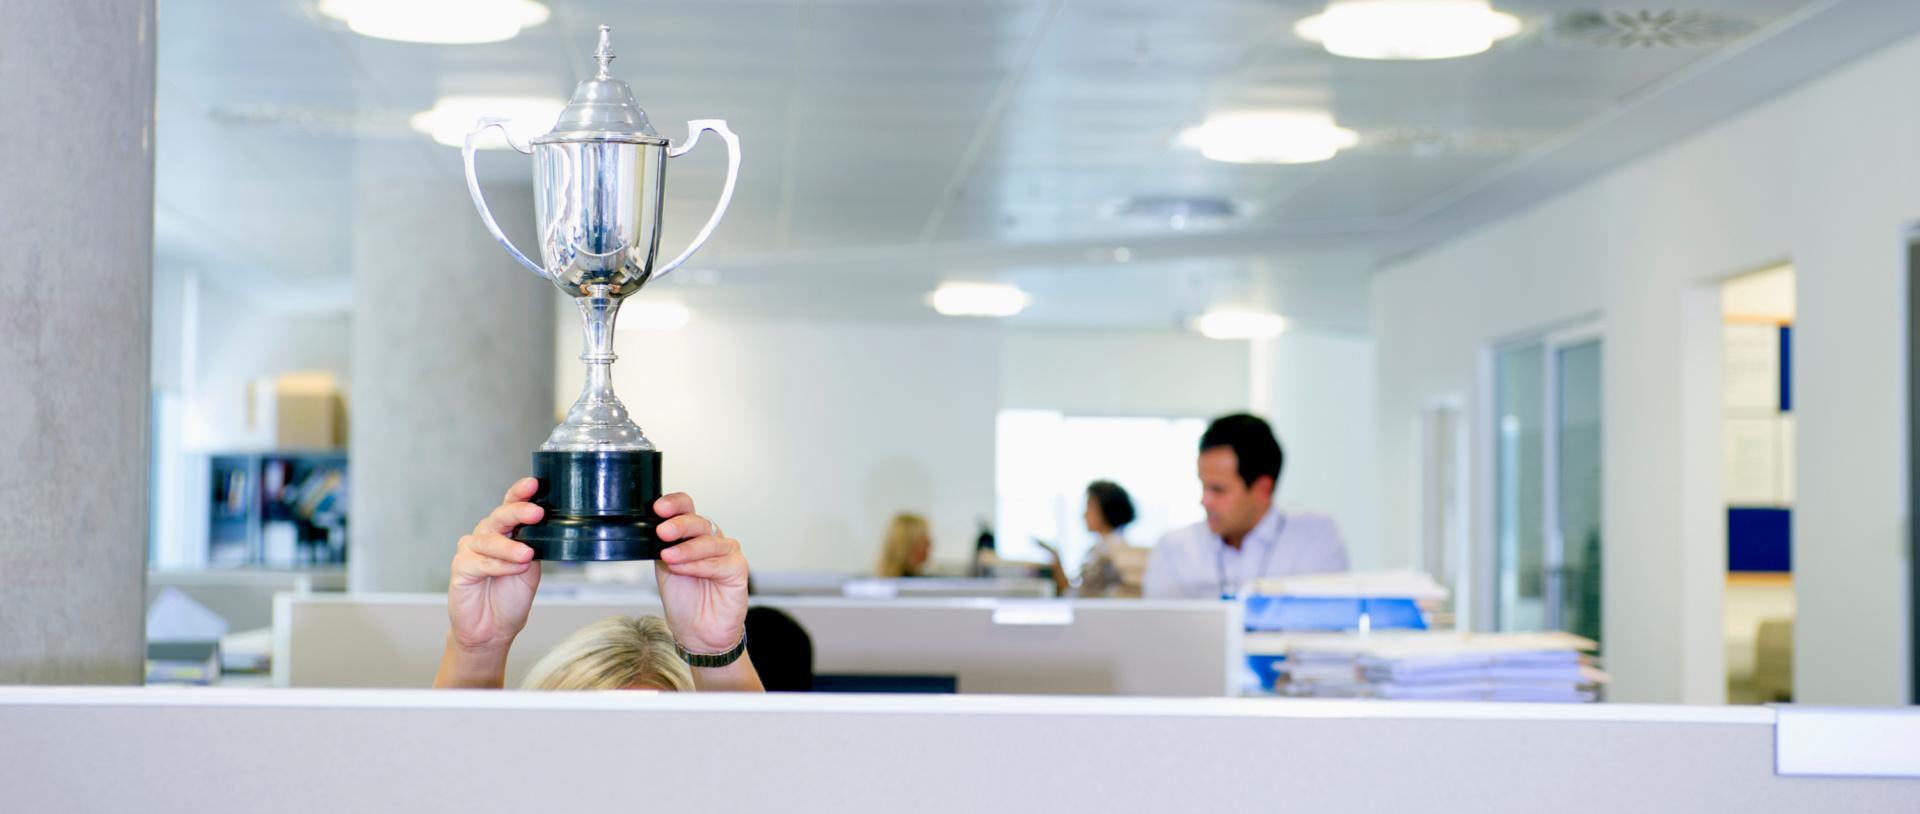 Person h?lt Pokal über dem Kopf hinter Abtrennung einer Bürokabine im Gro?raumbüro  25597641